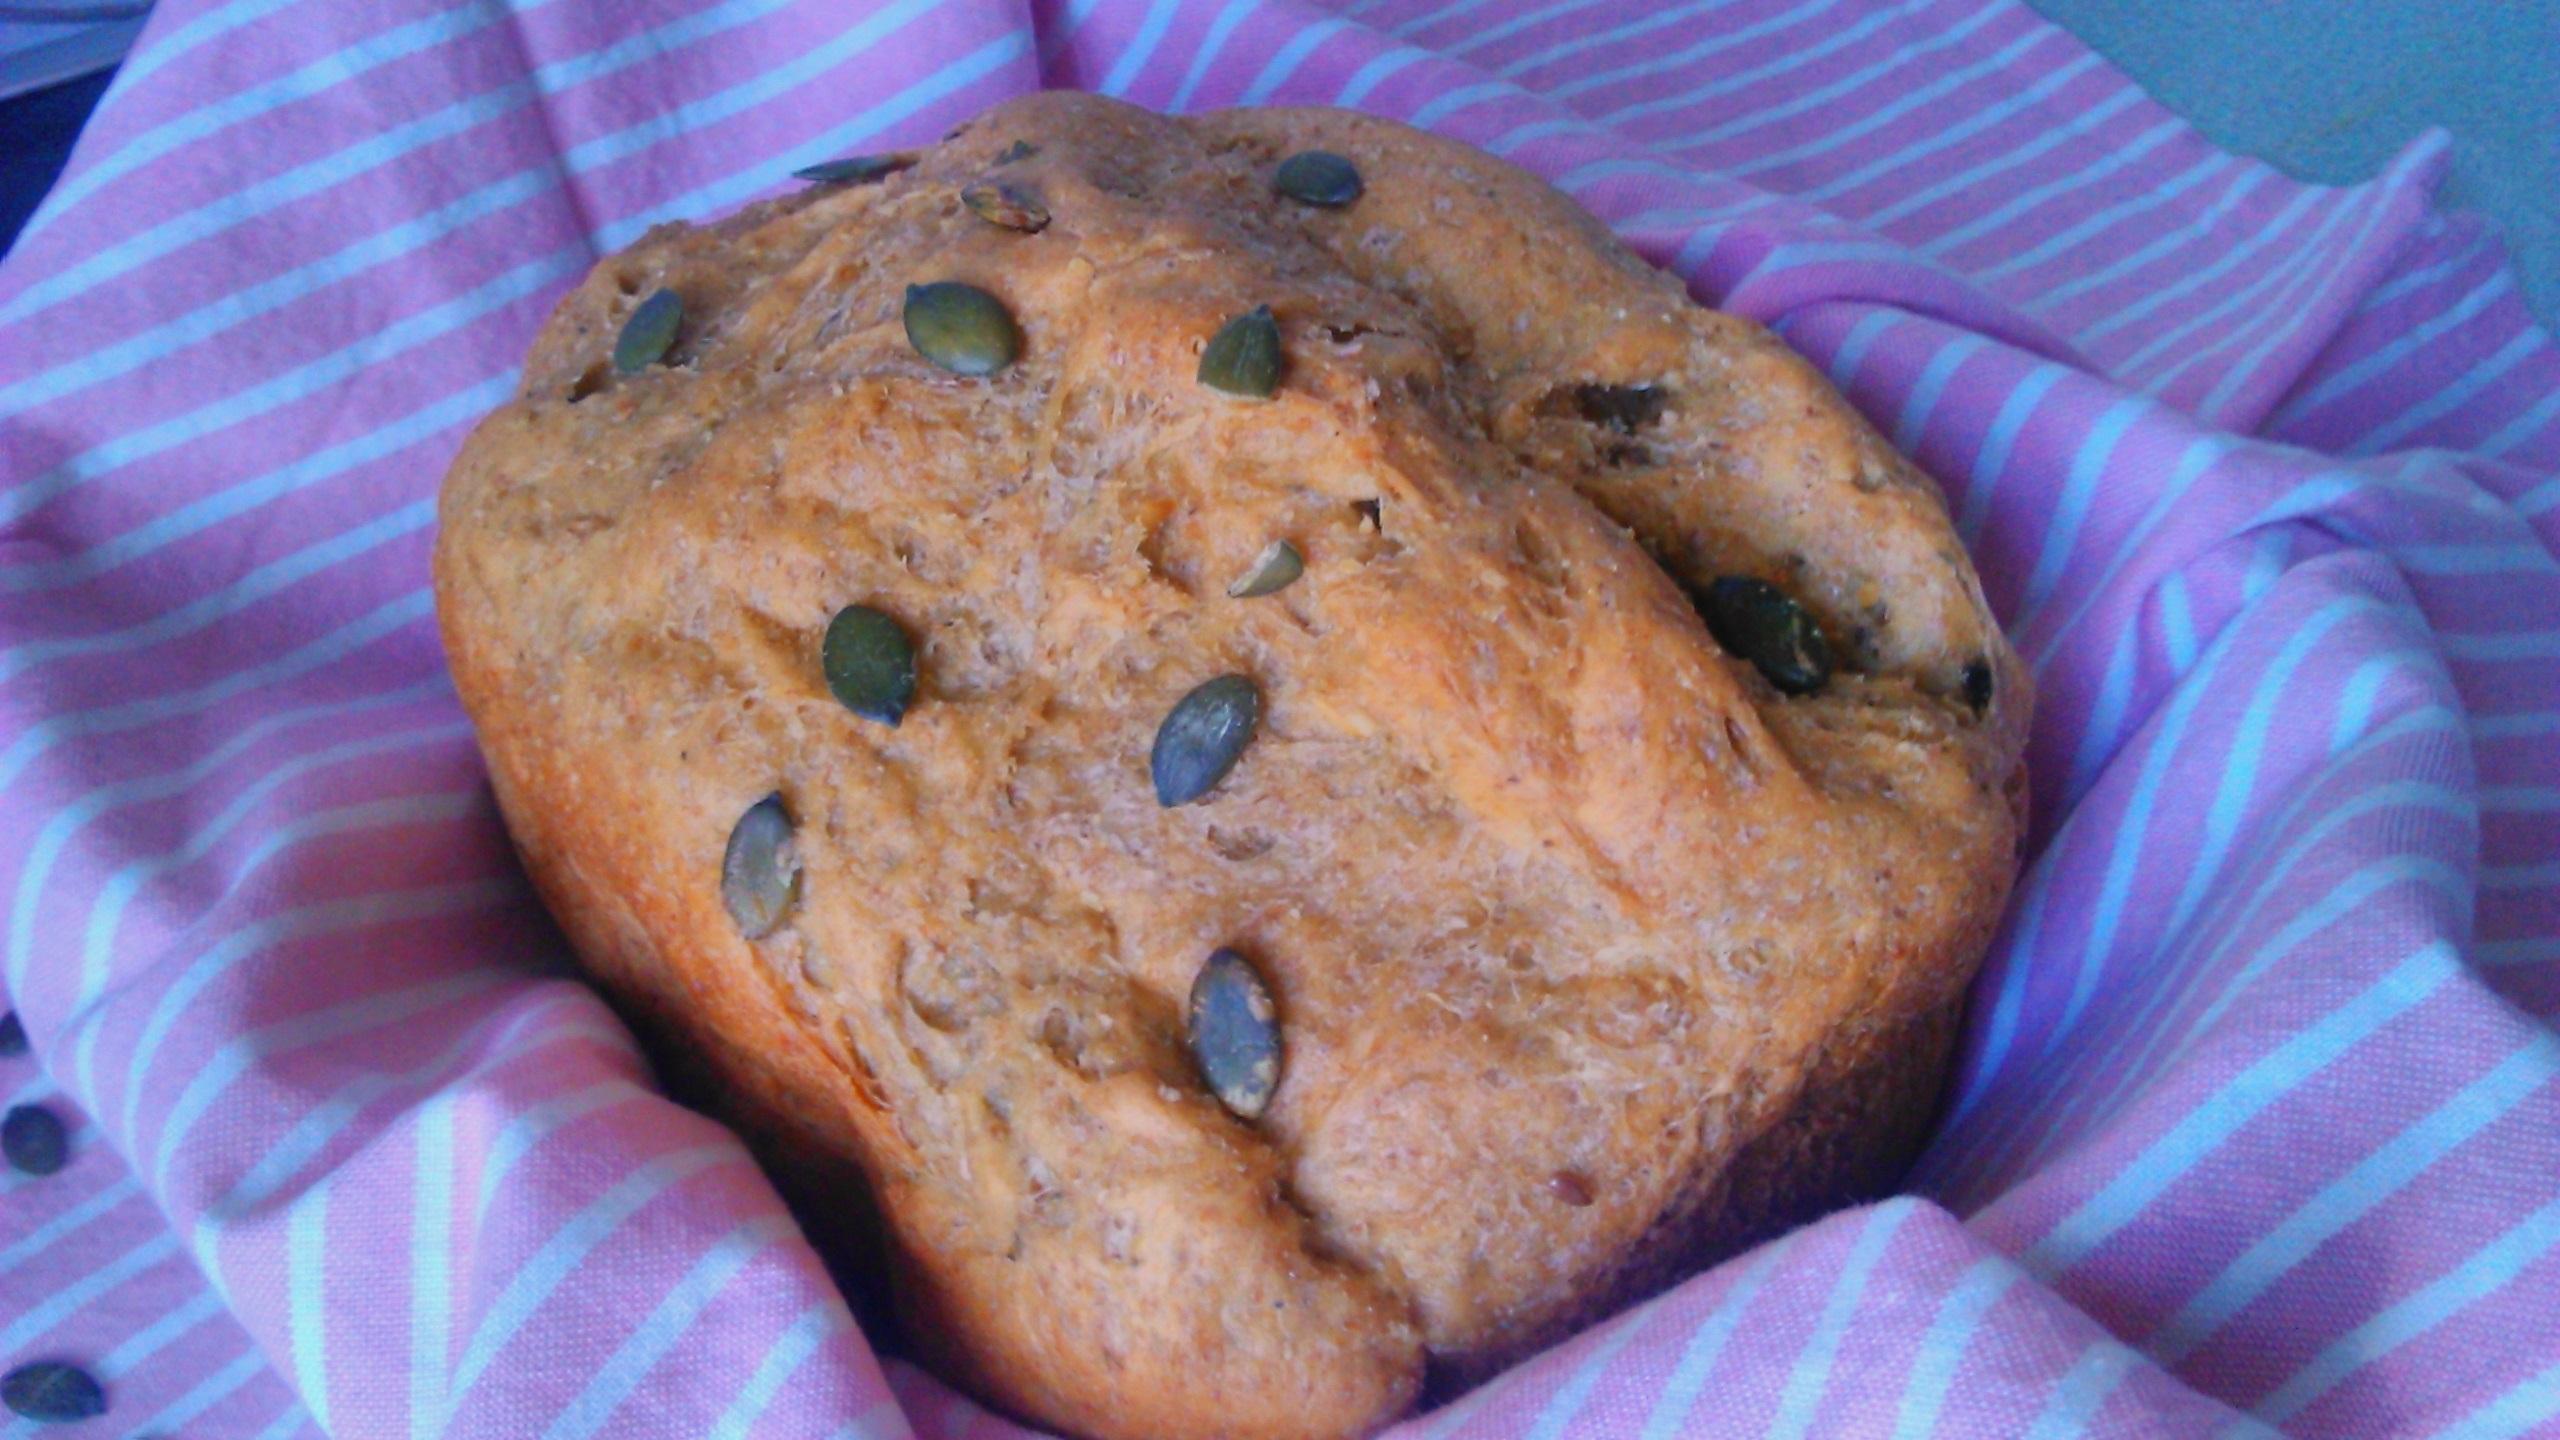 fogyokuras-szenhidratcsokkentett-dietas-kenyer-kenyersutogepben-recept-1.jpg